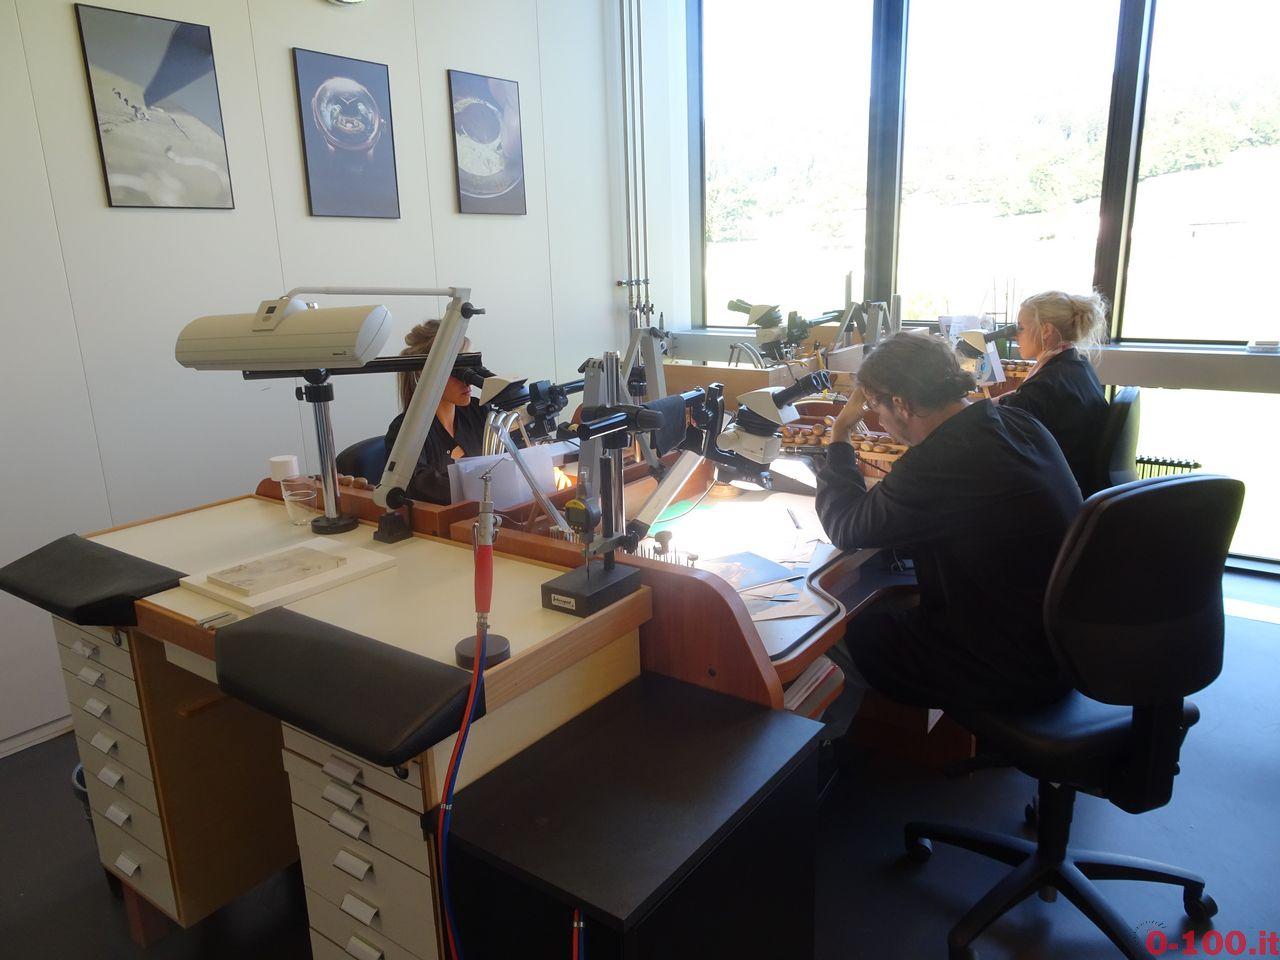 gli-speciali-di-0-100-it-jaquet-droz-les-ateliers-dart_0-1005